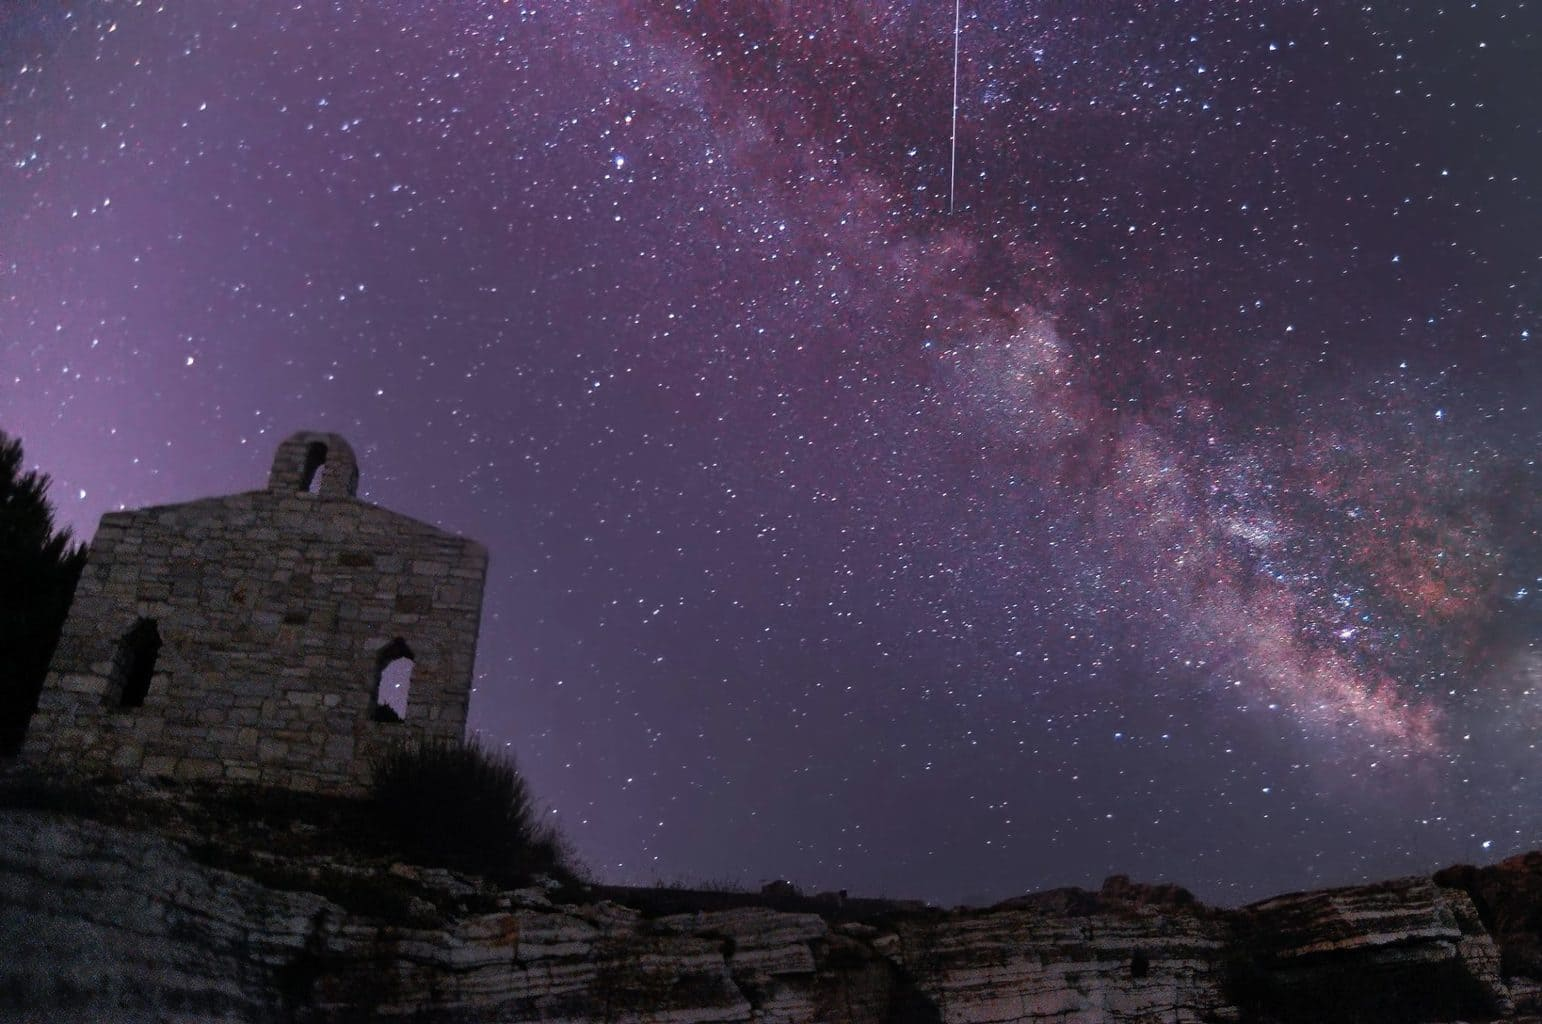 Milky way and perseid over Verudela, Pula, Croatia.